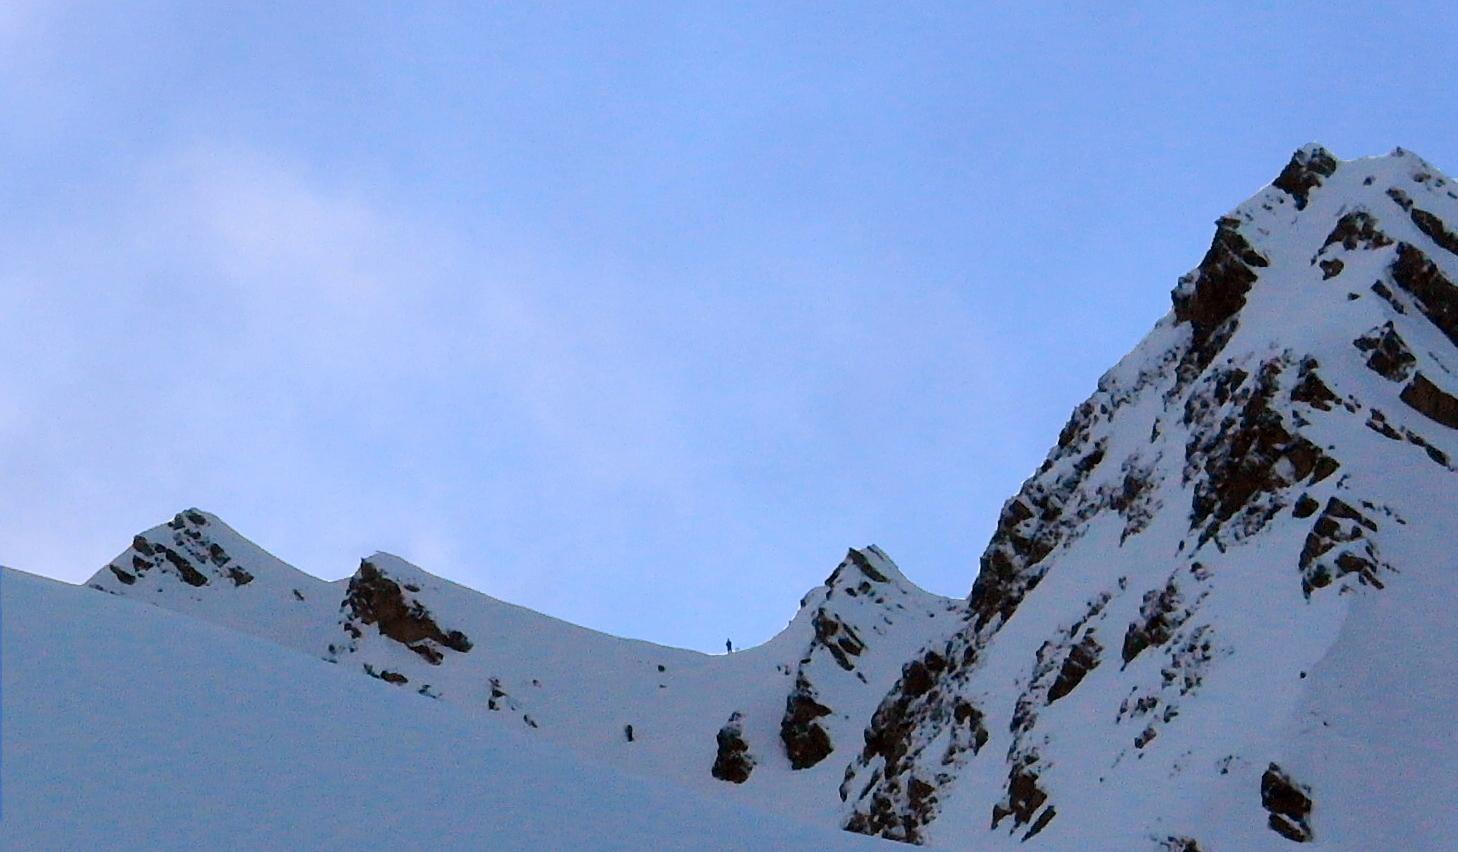 Bergsteigen auf dem Mount Everest